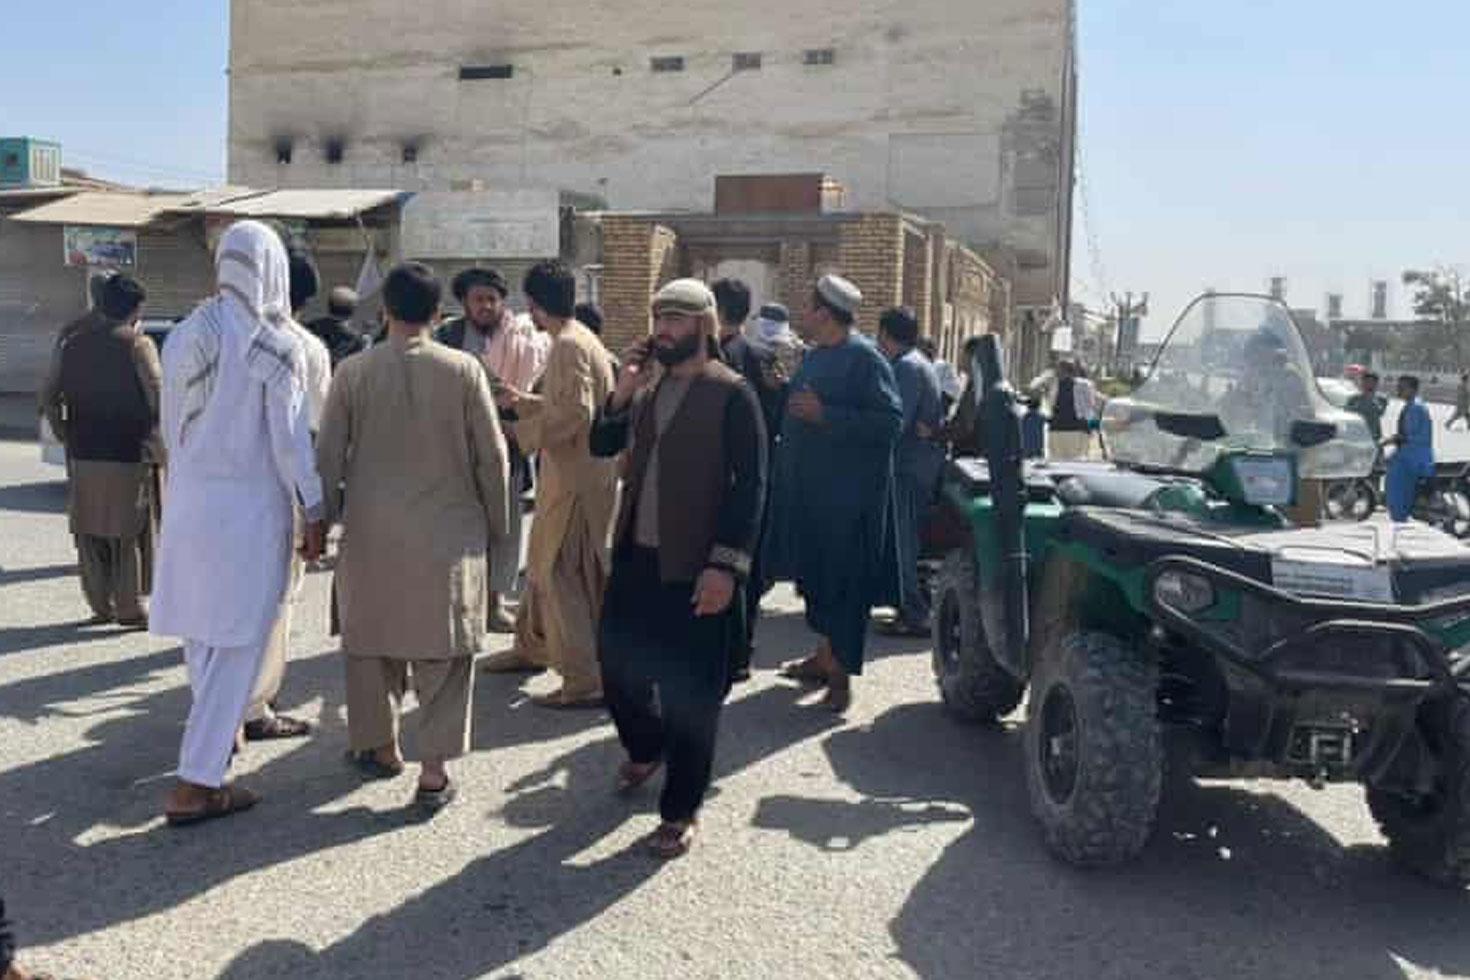 আফগানিস্তানে মসজিদে হামলায় মৃত্যু ৩২ ছাড়িয়েছে